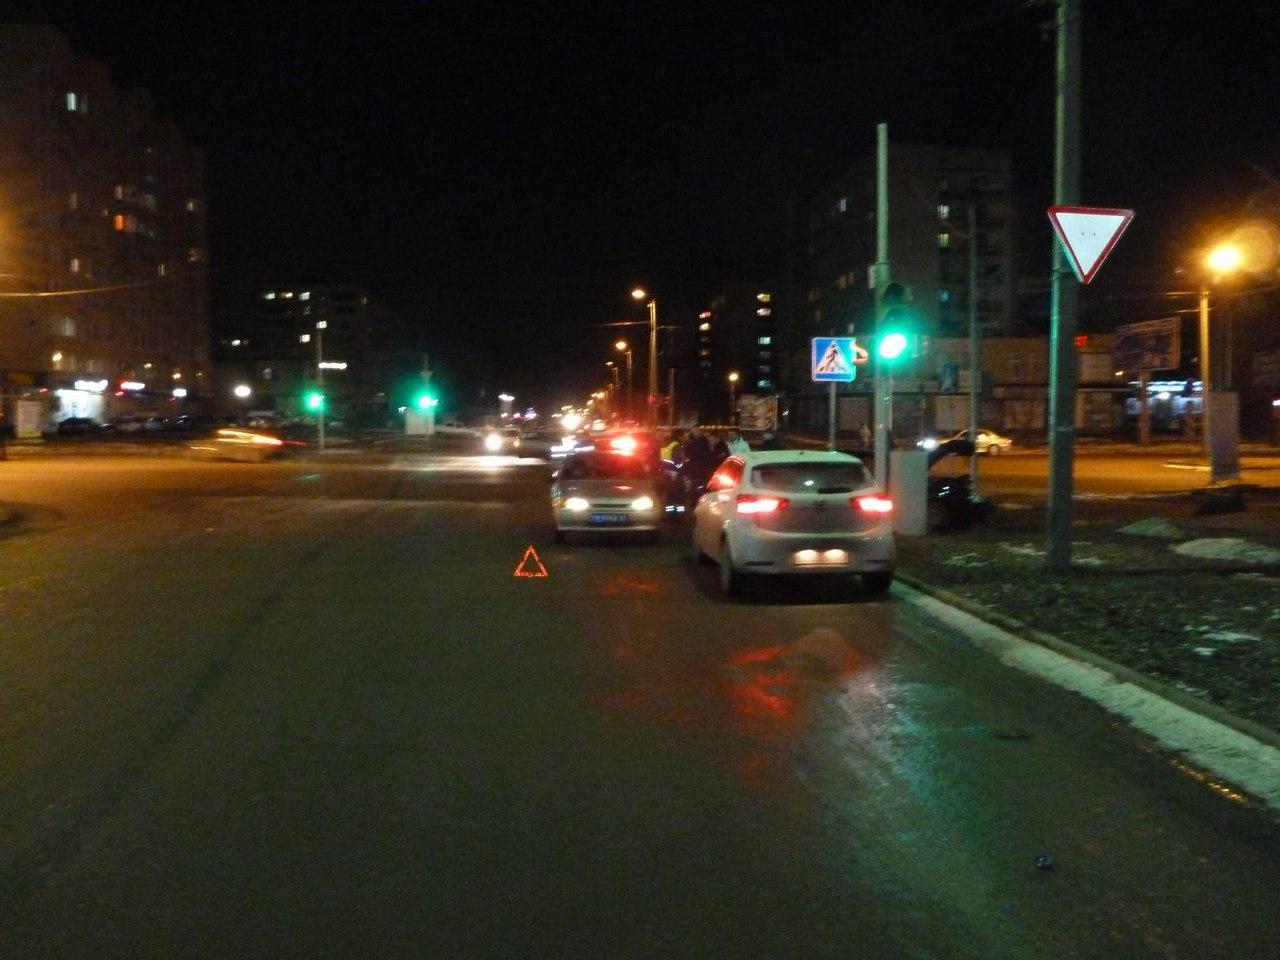 В Таганроге на Русском поле дорогу не поделили водители Daewoo Nubira и Lada Priora, двое пострадавших